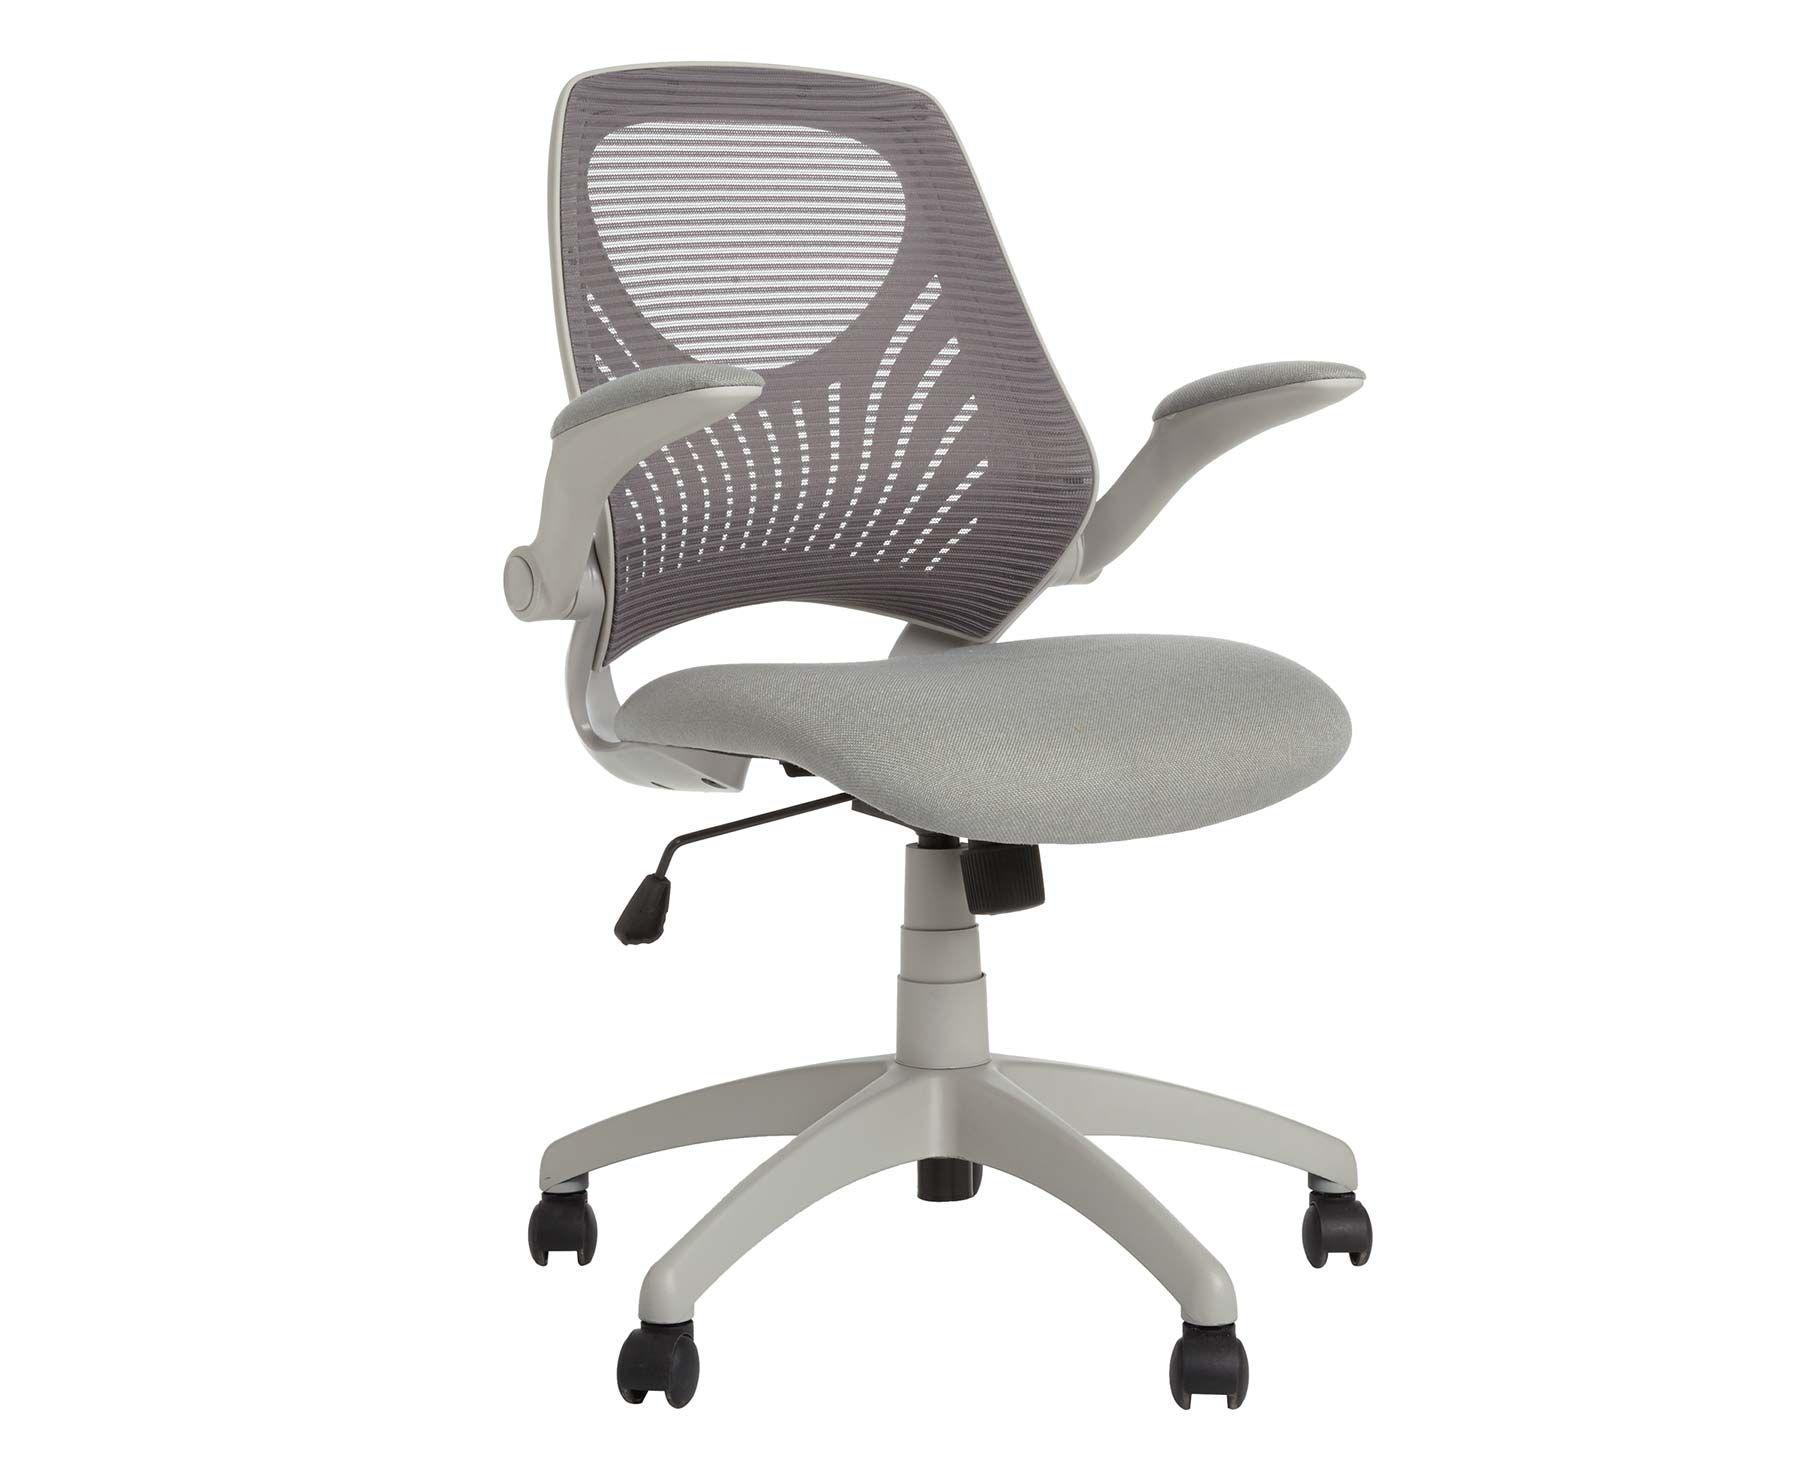 choosing an office chair. Ergonomic Office Chair Choosing An